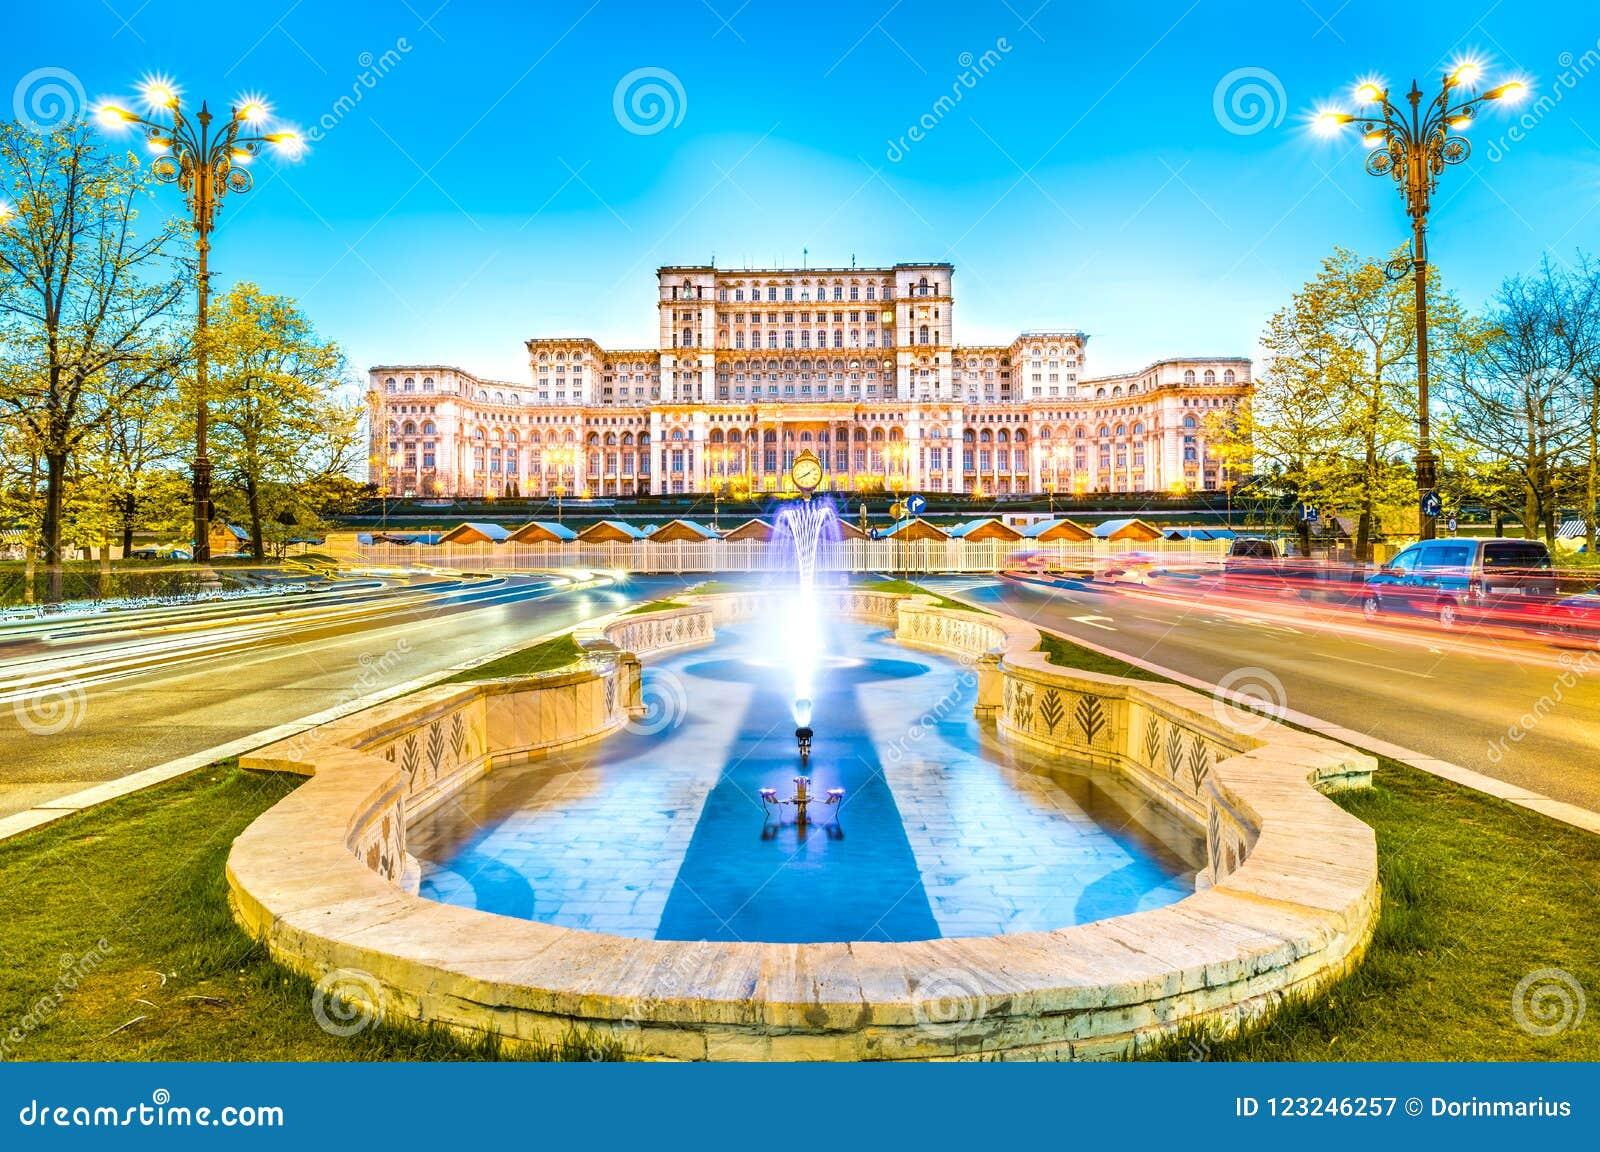 Το παλάτι του Κοινοβουλίου, Βουκουρέστι, Ρουμανία